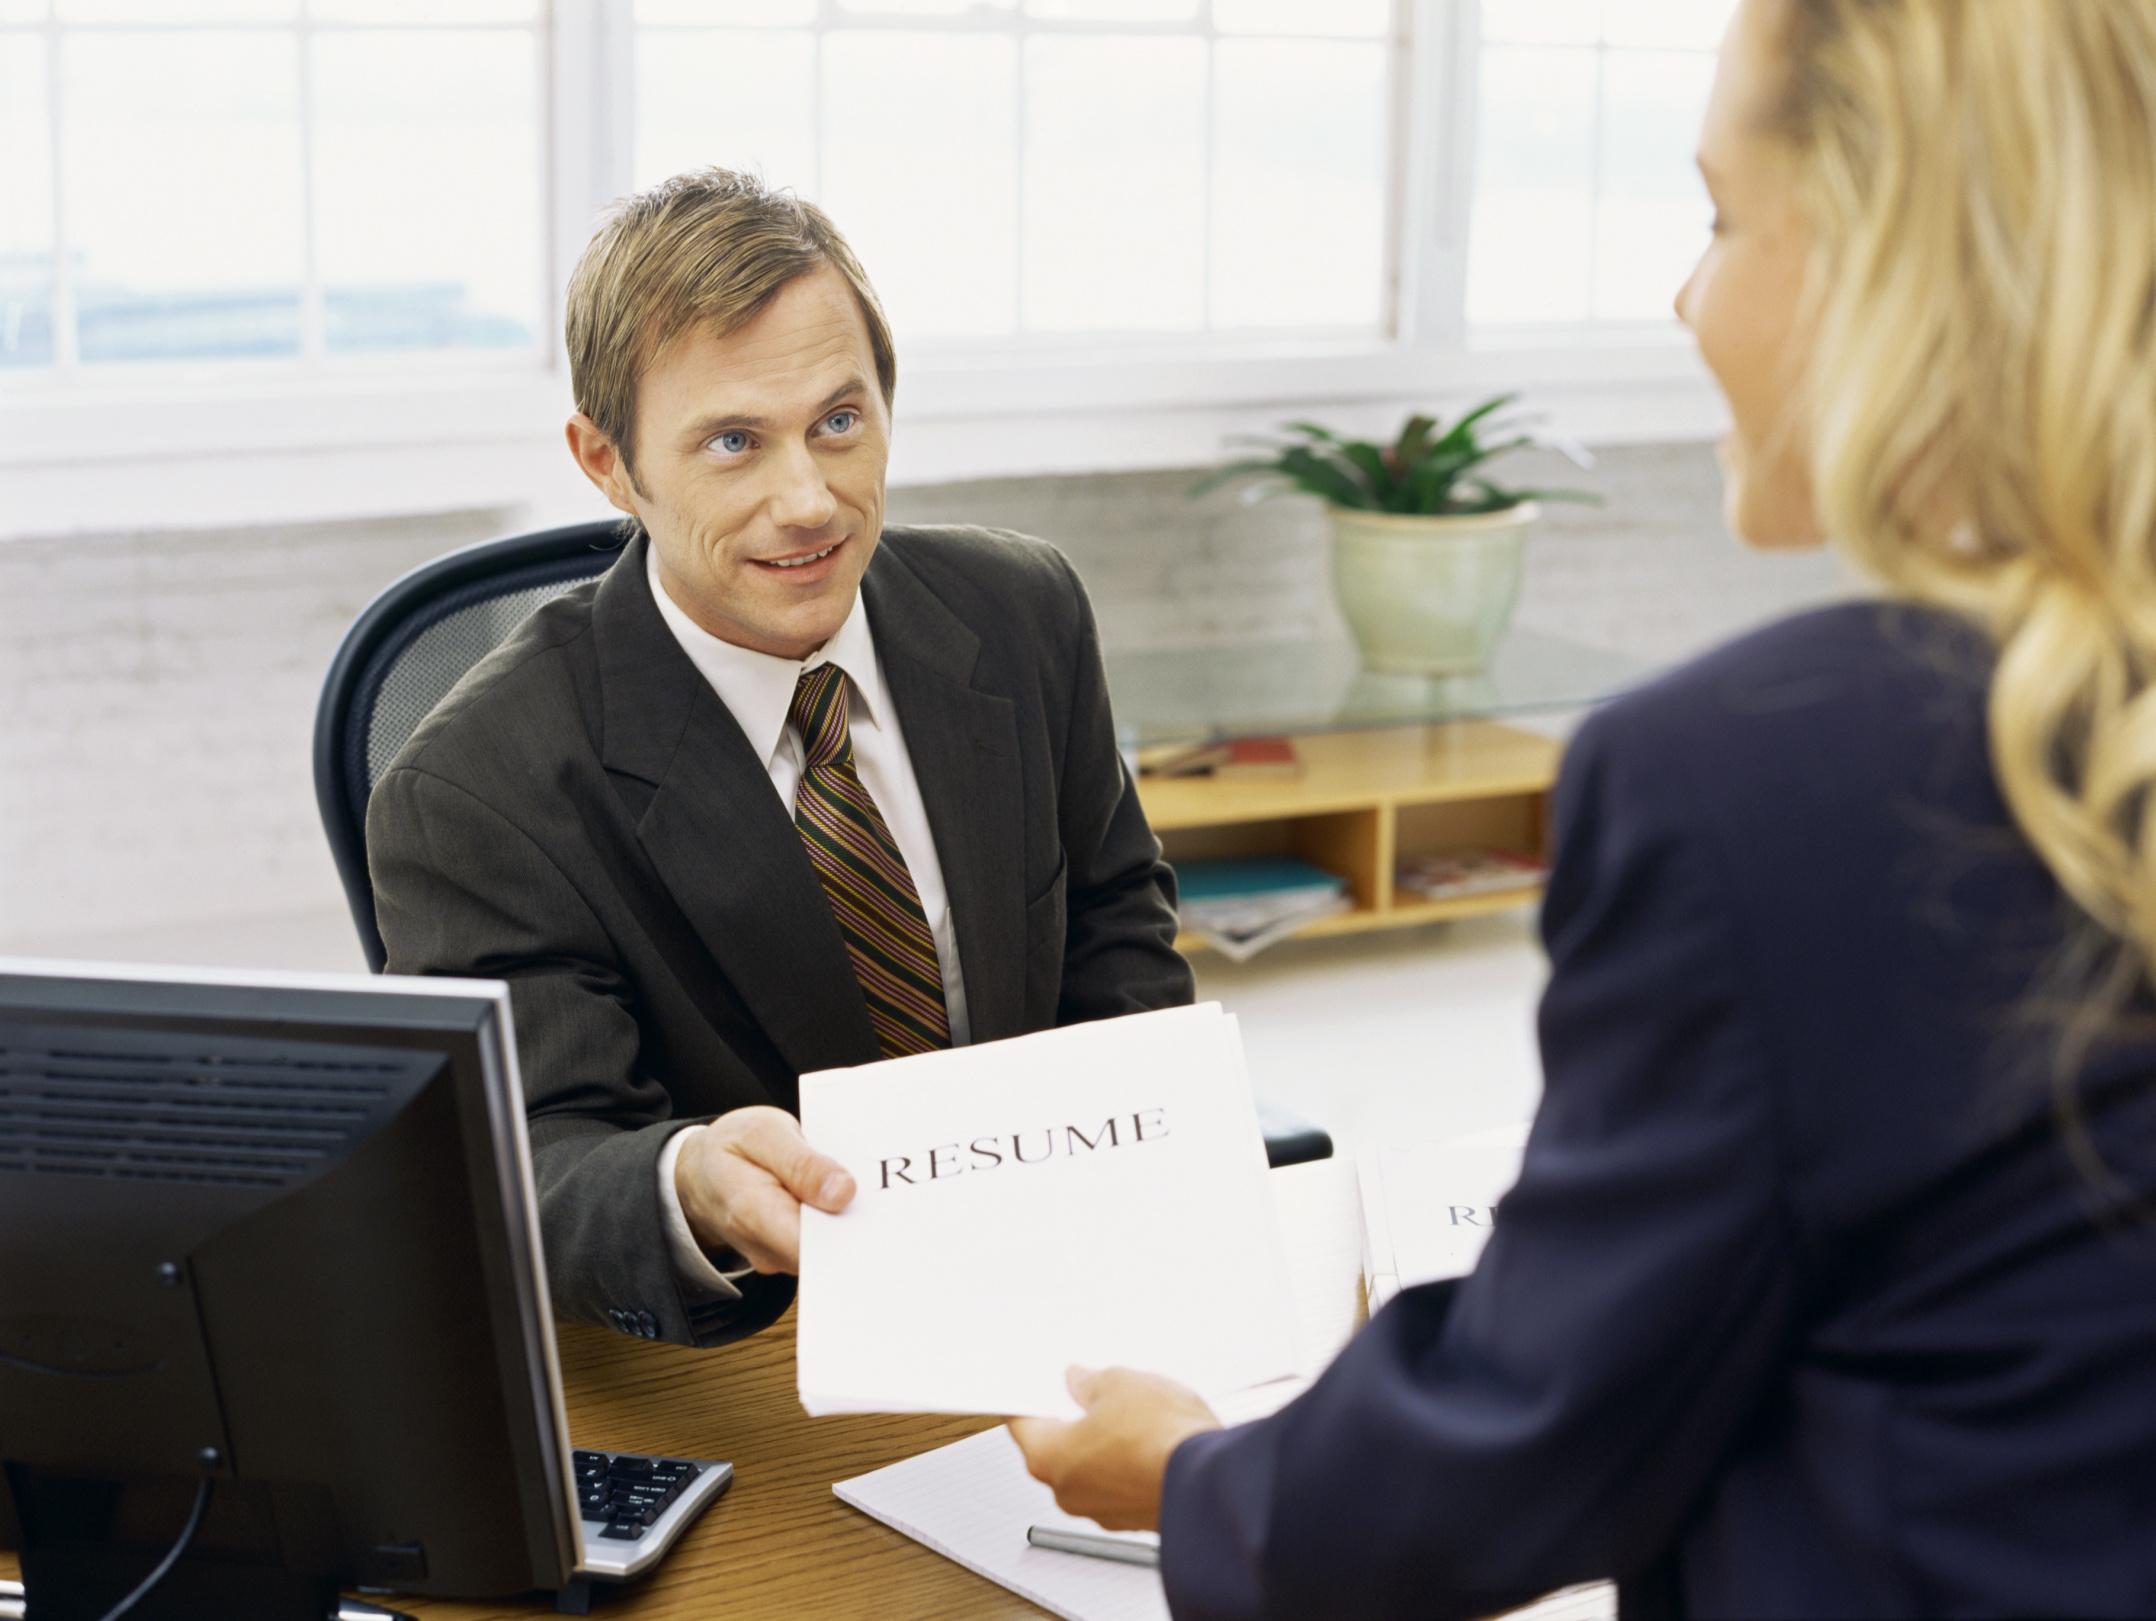 Bij verandering van baan gaat het pensioen automatisch mee naar de nieuwe werkgever. (Foto: aangeleverd)